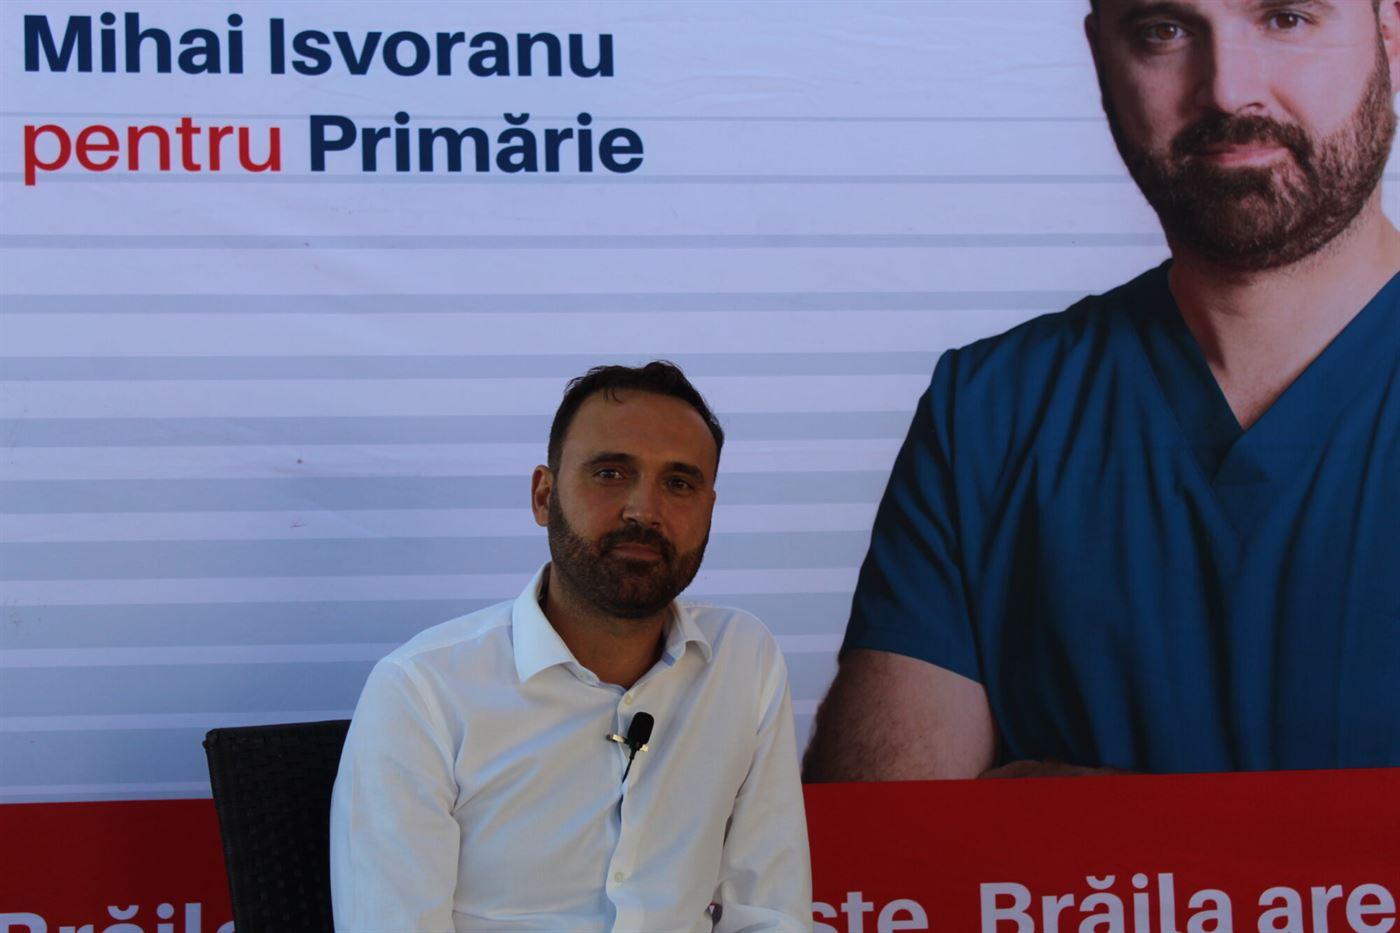 Mihai Isvoranu: Am putea crea burse pentru cei care vor să urmeze o carieră în pediatrie